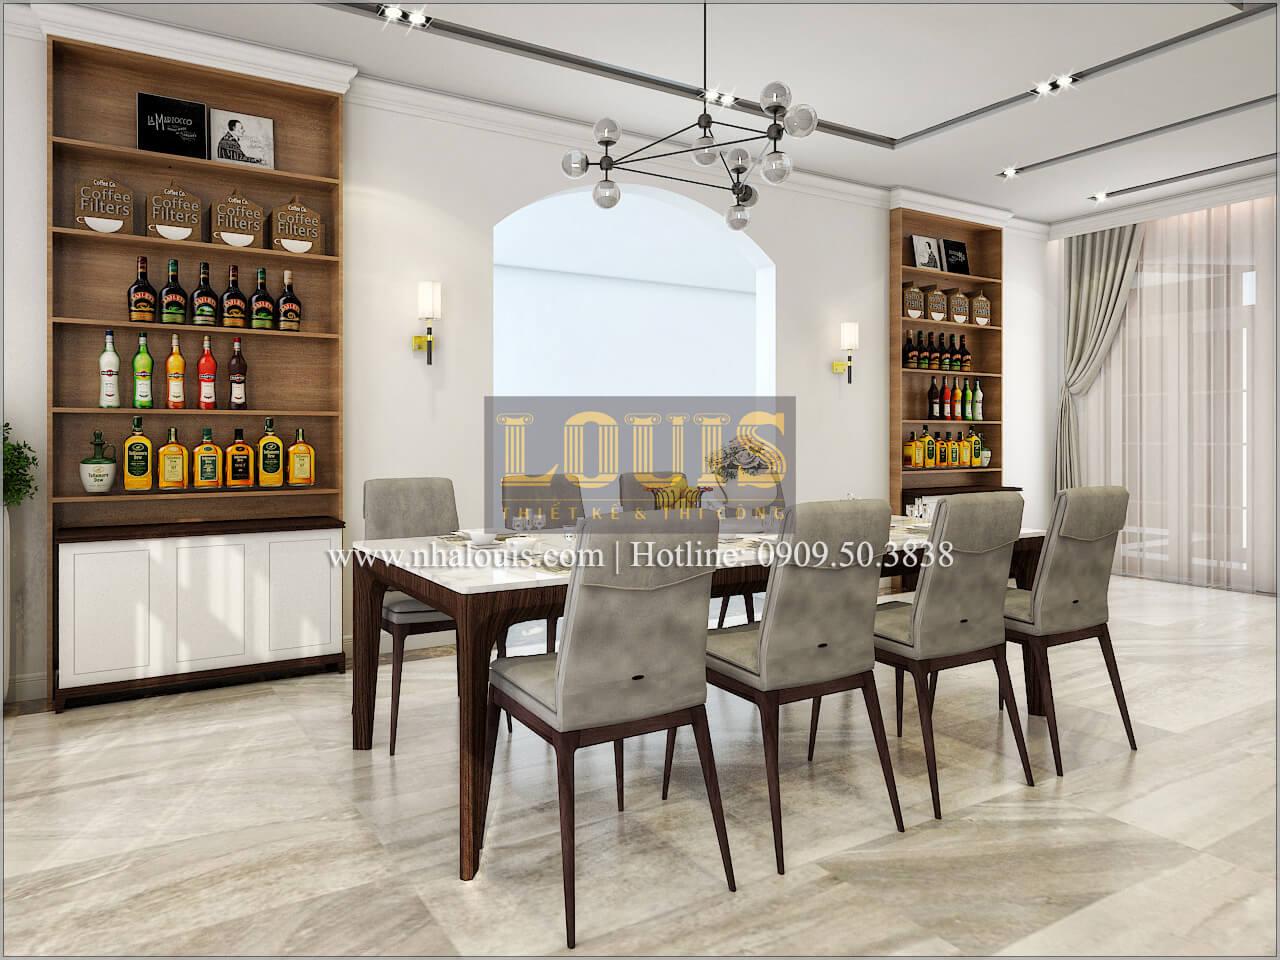 Phòng ăn Thiết kế biệt thự phong cách cổ điểnđẹp kết hợp kinh doanh tạiĐồng Nai